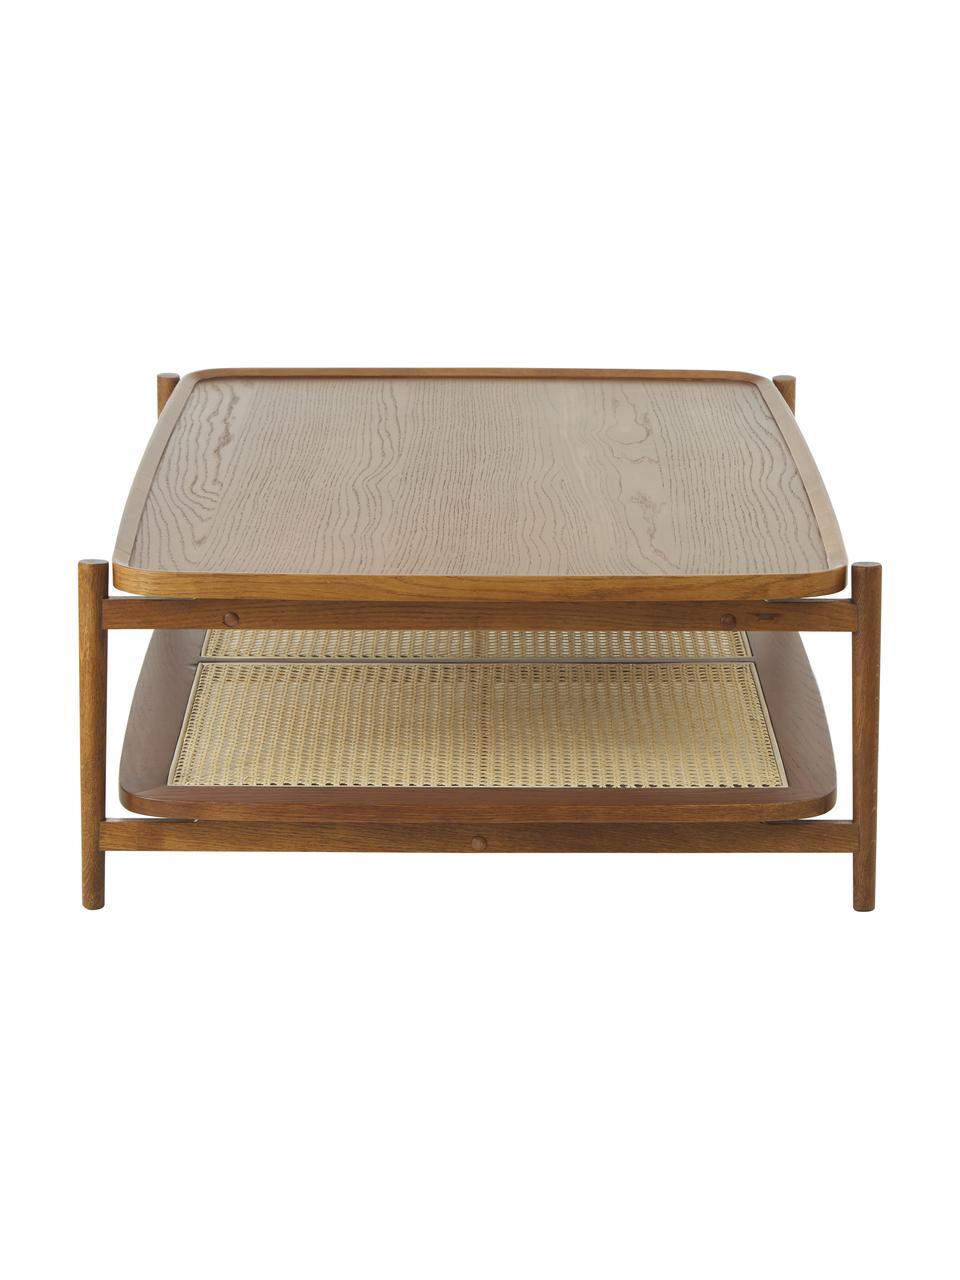 Salontafel Libby van eikenhout met Weens vlechtwerk, Tafelblad: eikenhoutfineer met MDF, Plank: rotan, Frame: massief gelakt eikenhout, Bruin, 110 x 35 cm